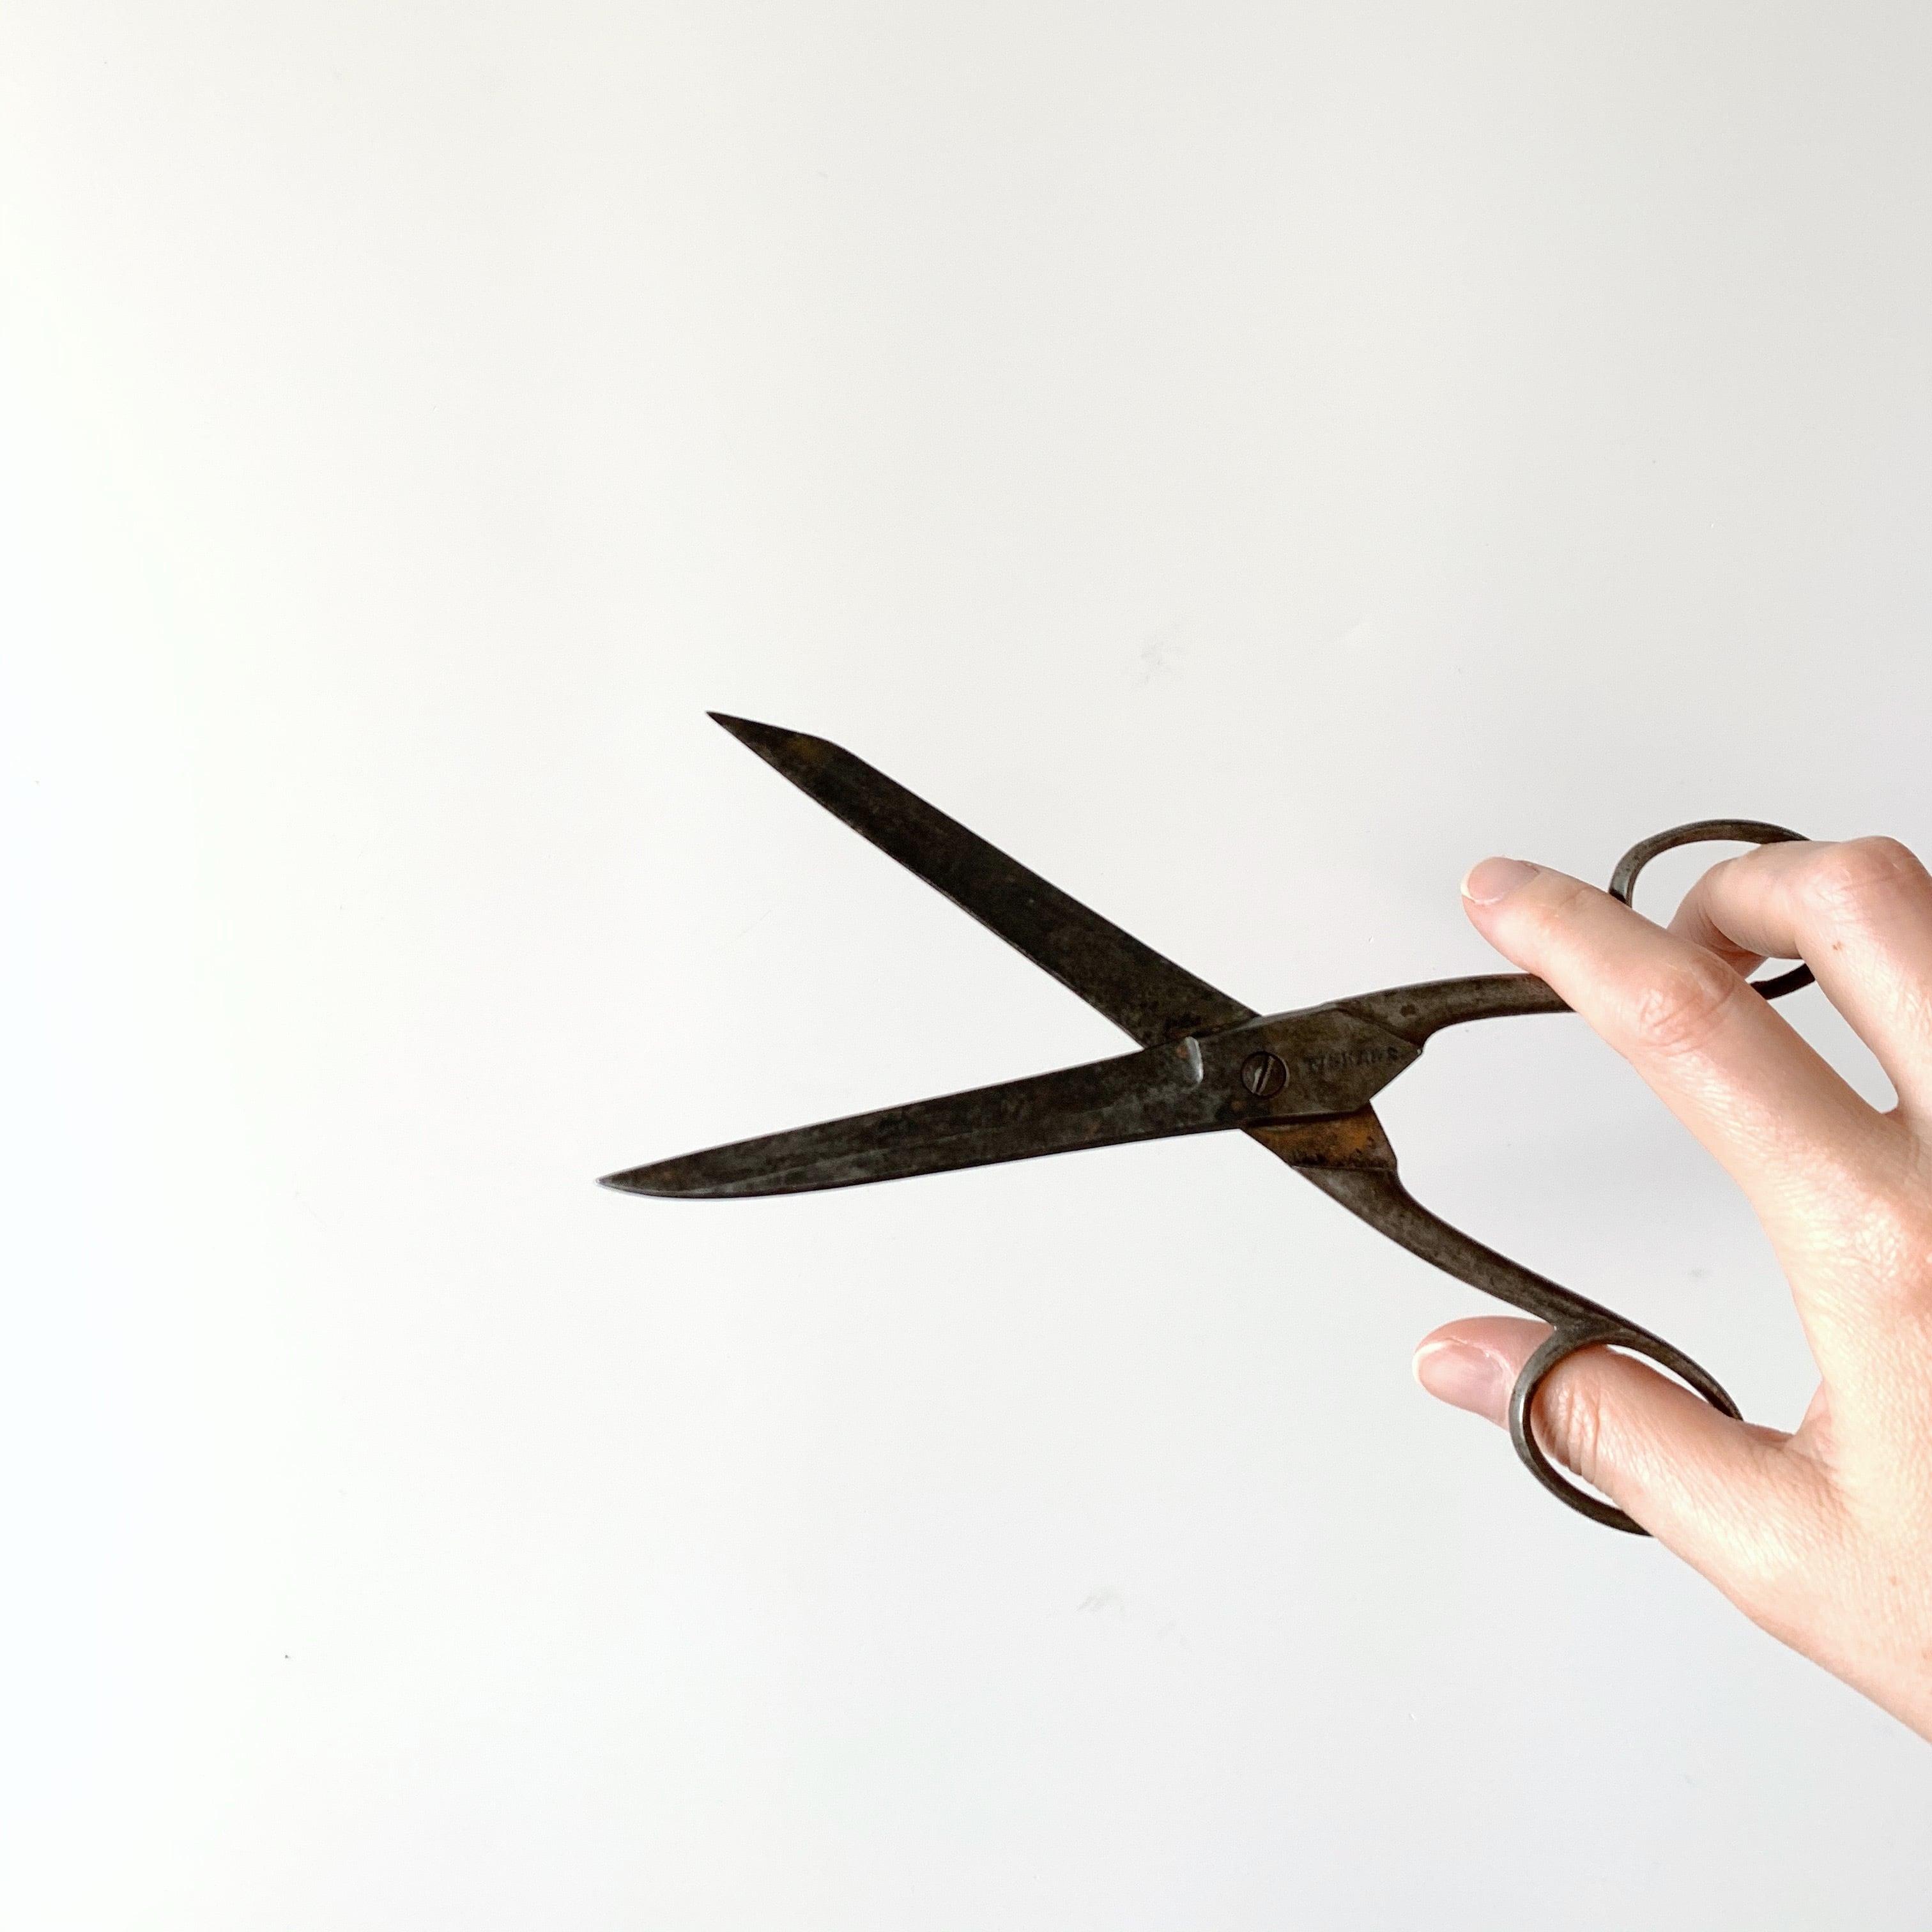 FISKARS / Scissors